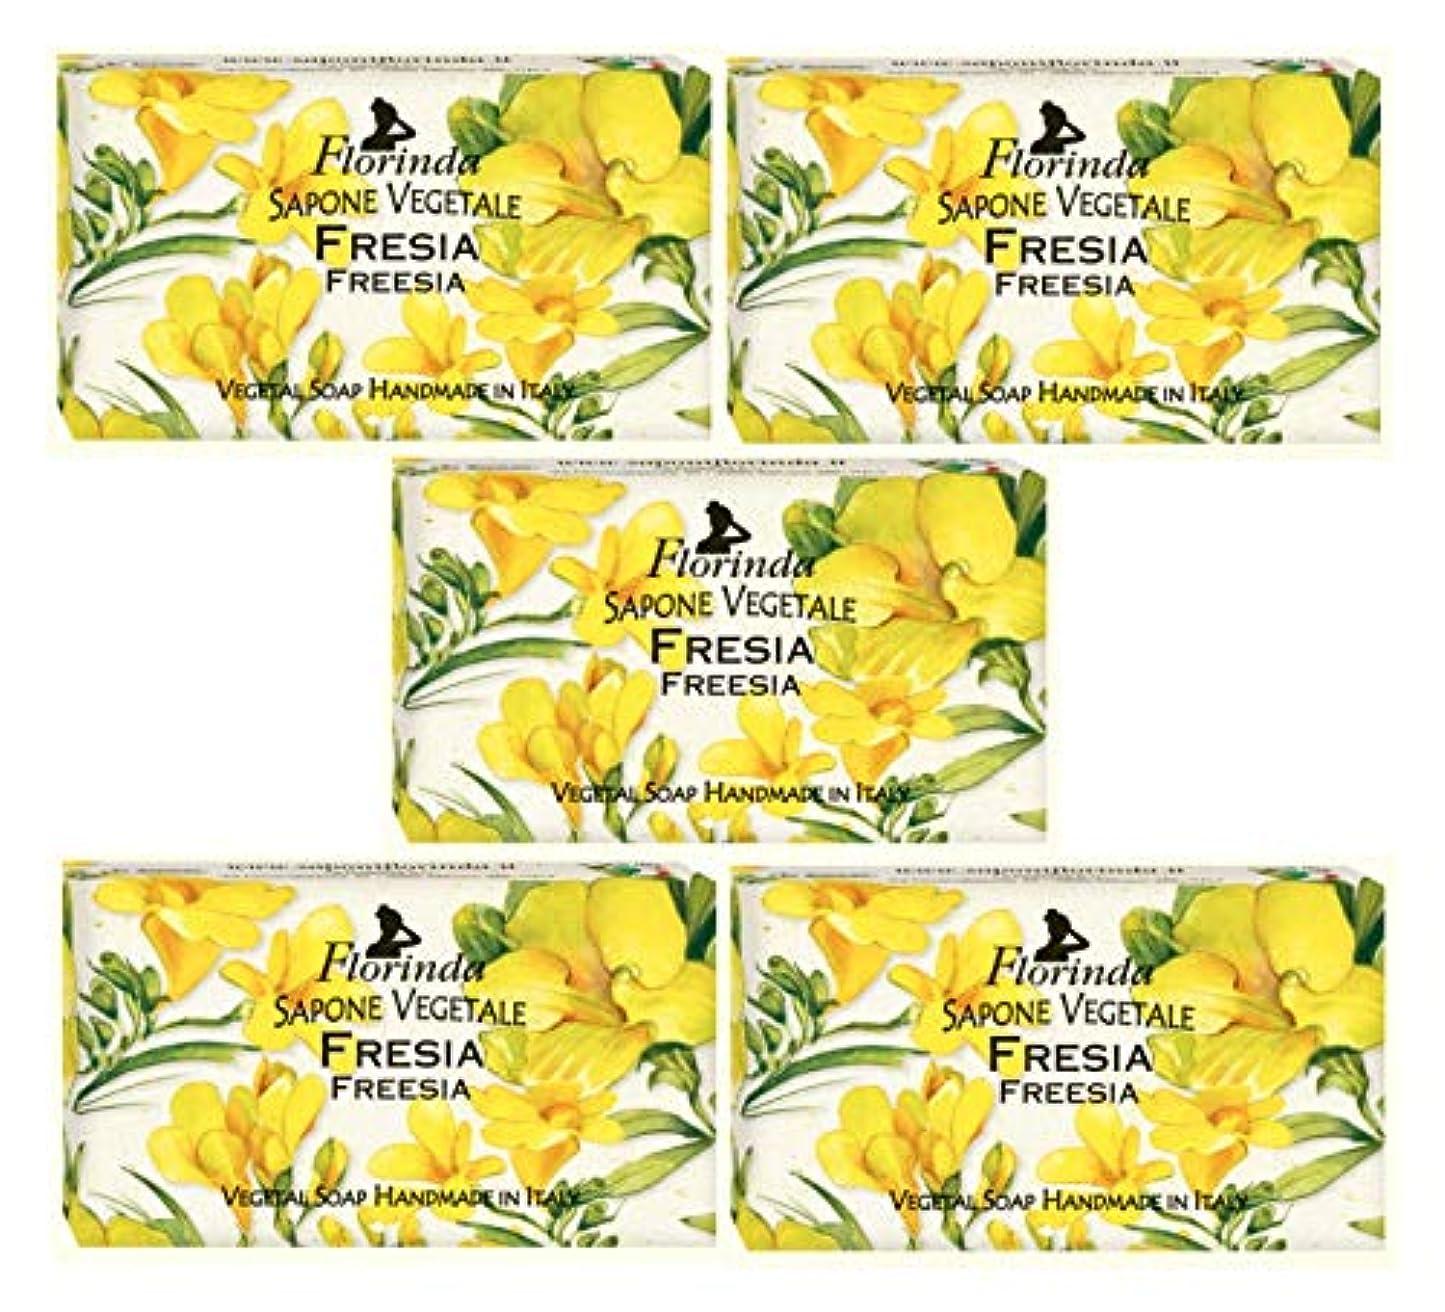 サイトラインアンデス山脈希望に満ちたフロリンダ フレグランスソープ 固形石けん 花の香り フリージア 95g×5個セット